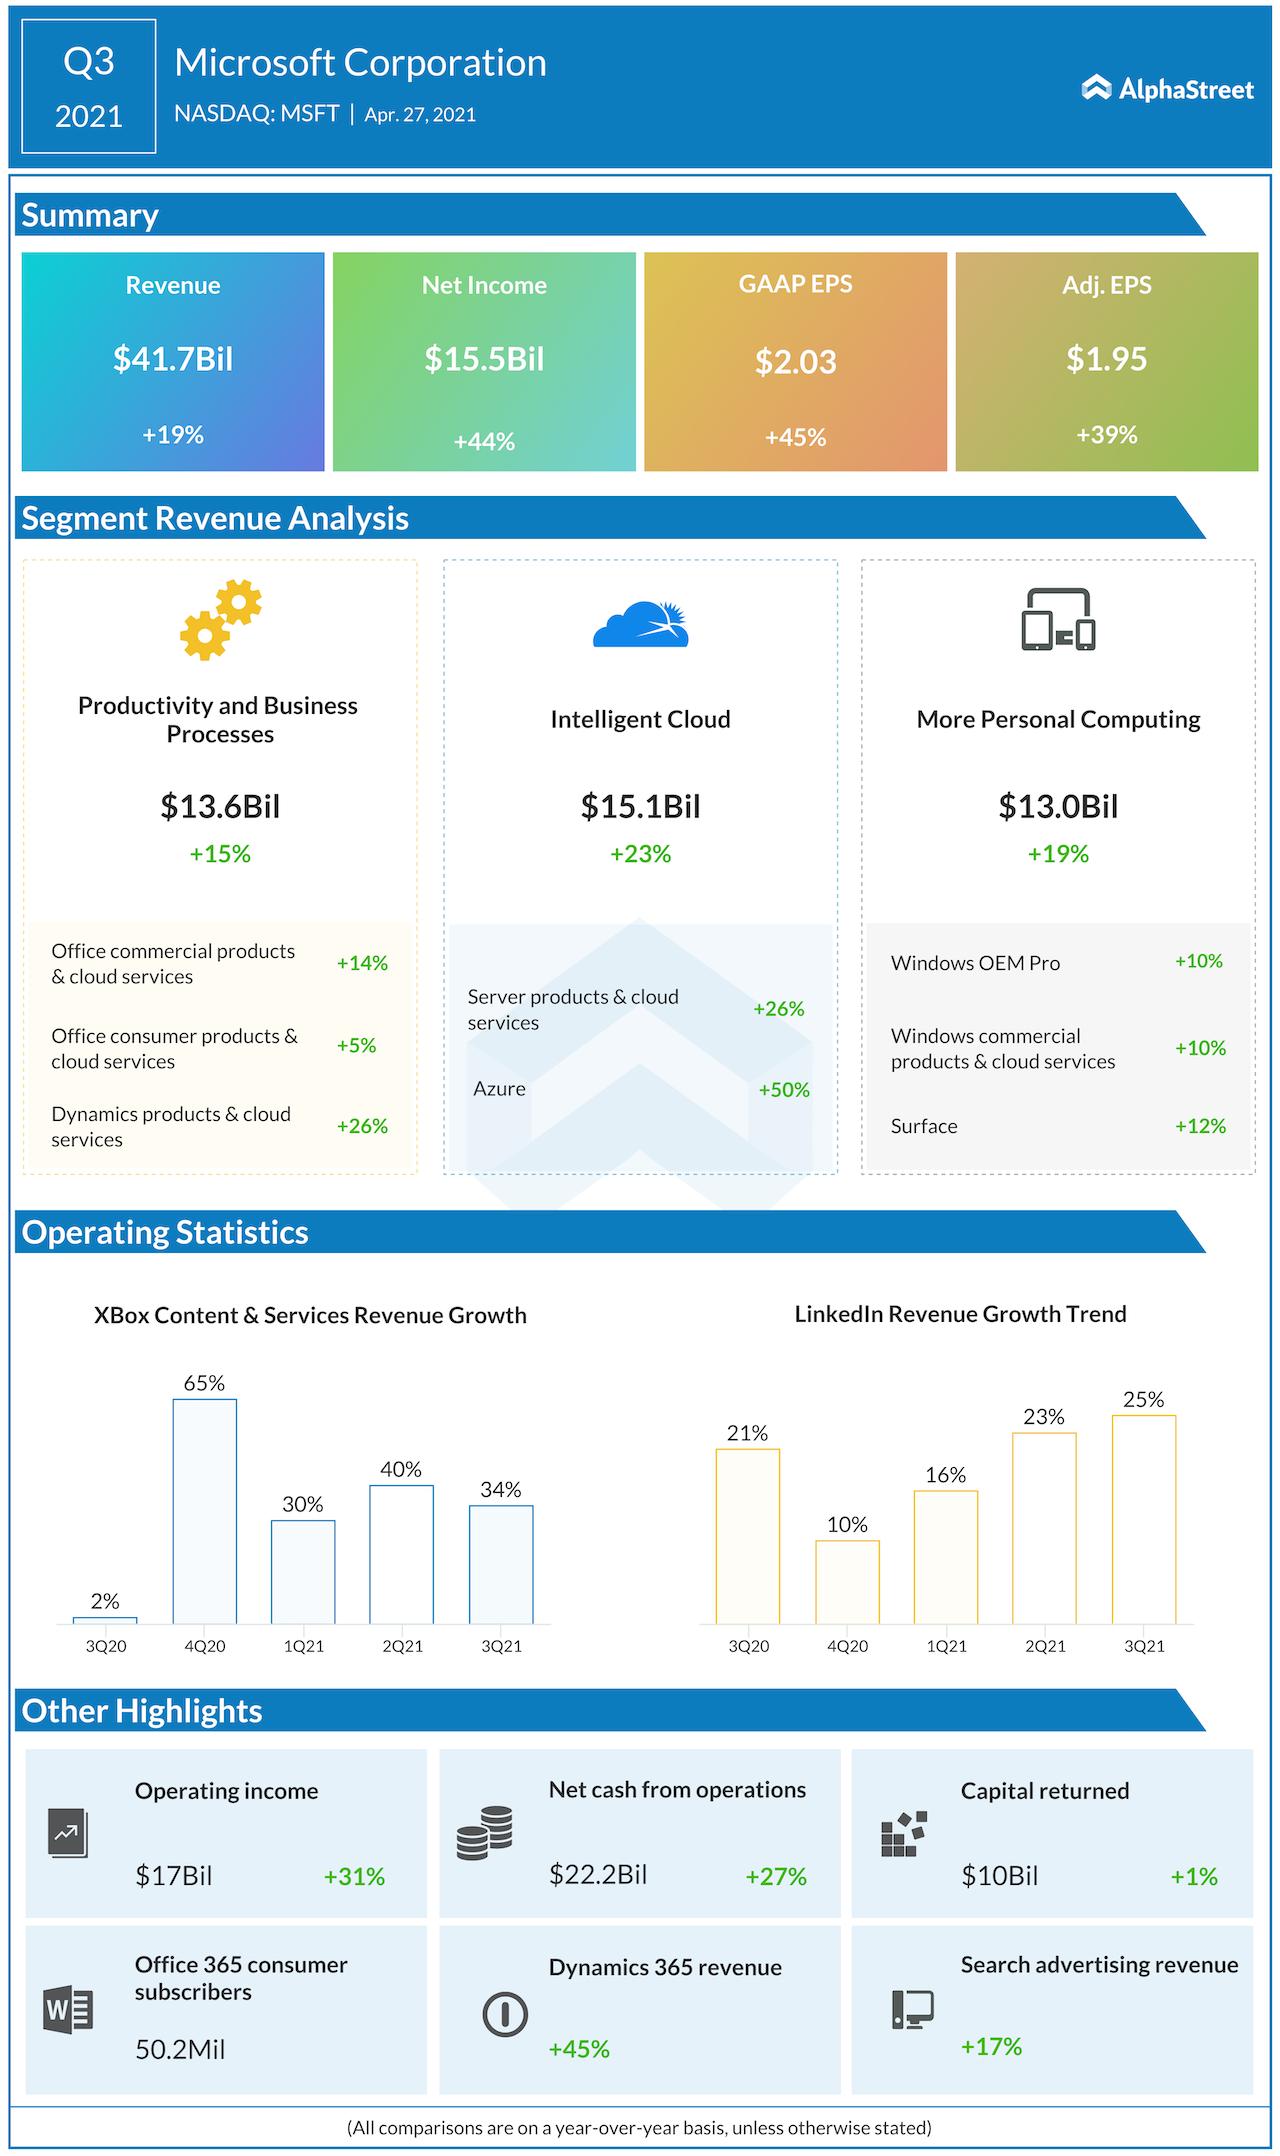 Microsoft Q3 2021 earnings